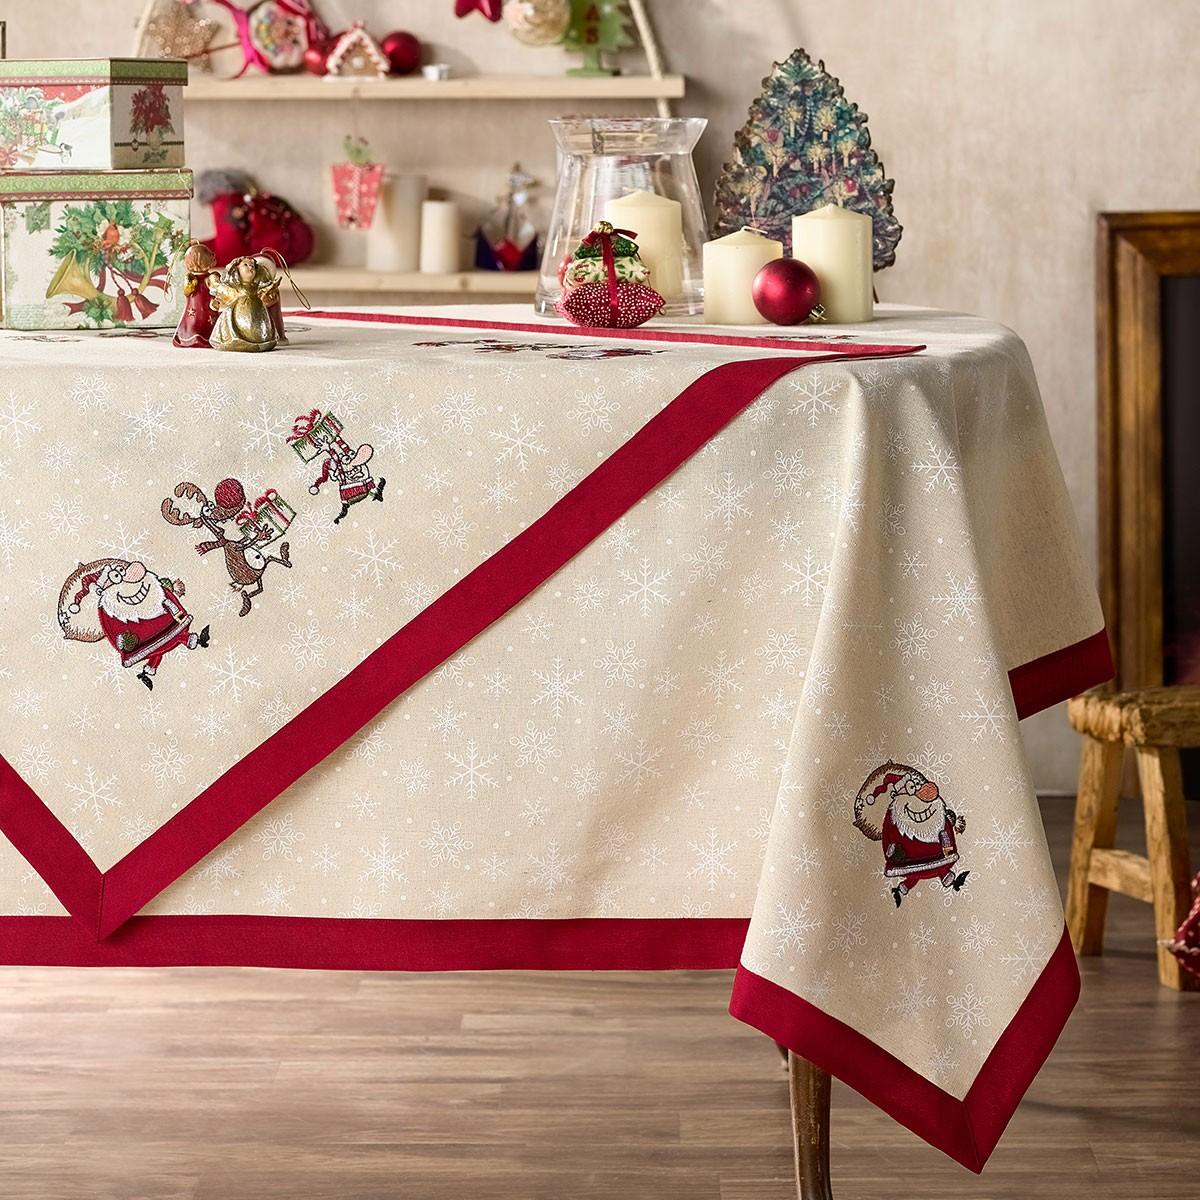 Χριστουγεννιάτικο Τραπεζομάντηλο (135x135) Gofis Home 921